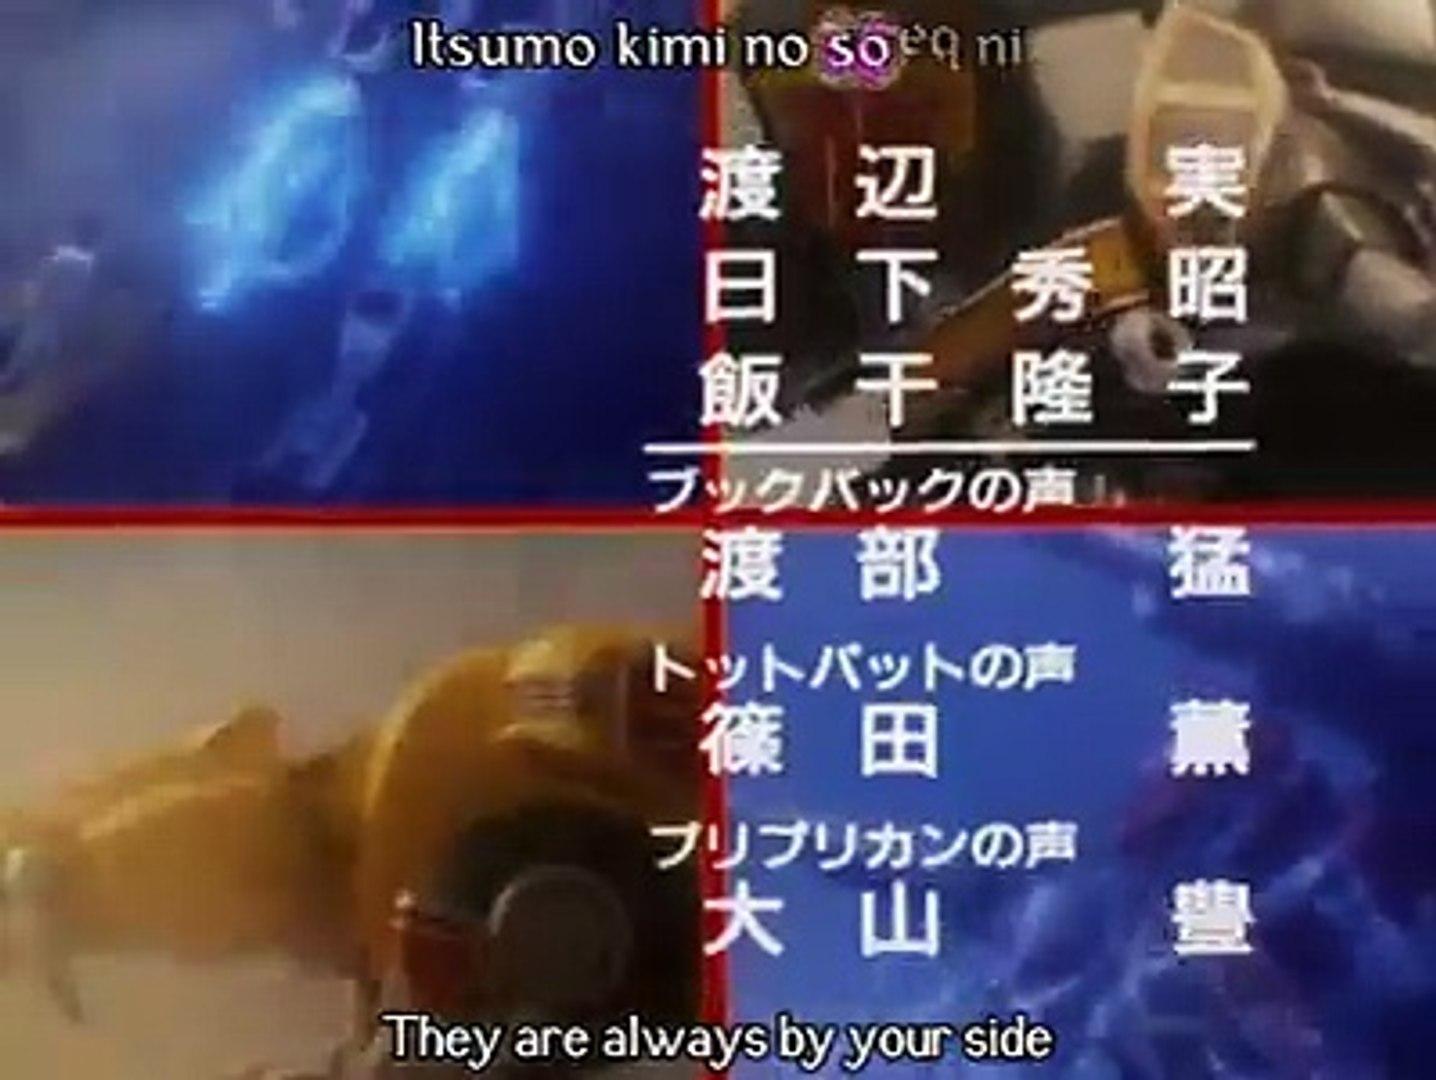 WheelnSentai - Kyoryu Sentai Zyuranger Episode 21